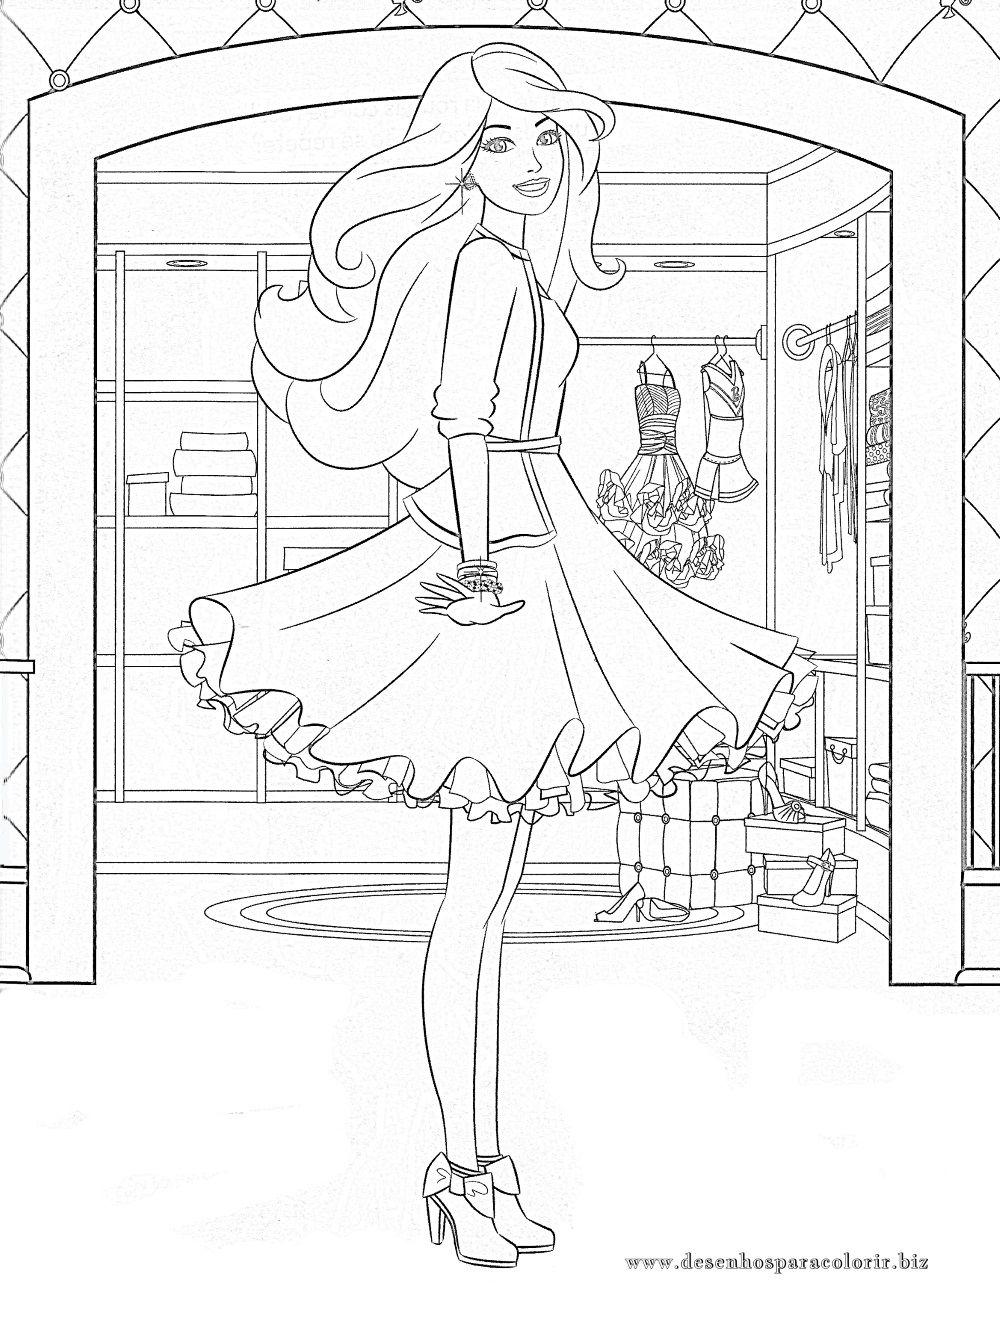 Desenhos para colorir: 20 Desenhos da Barbie para imprimir | Barbie ...